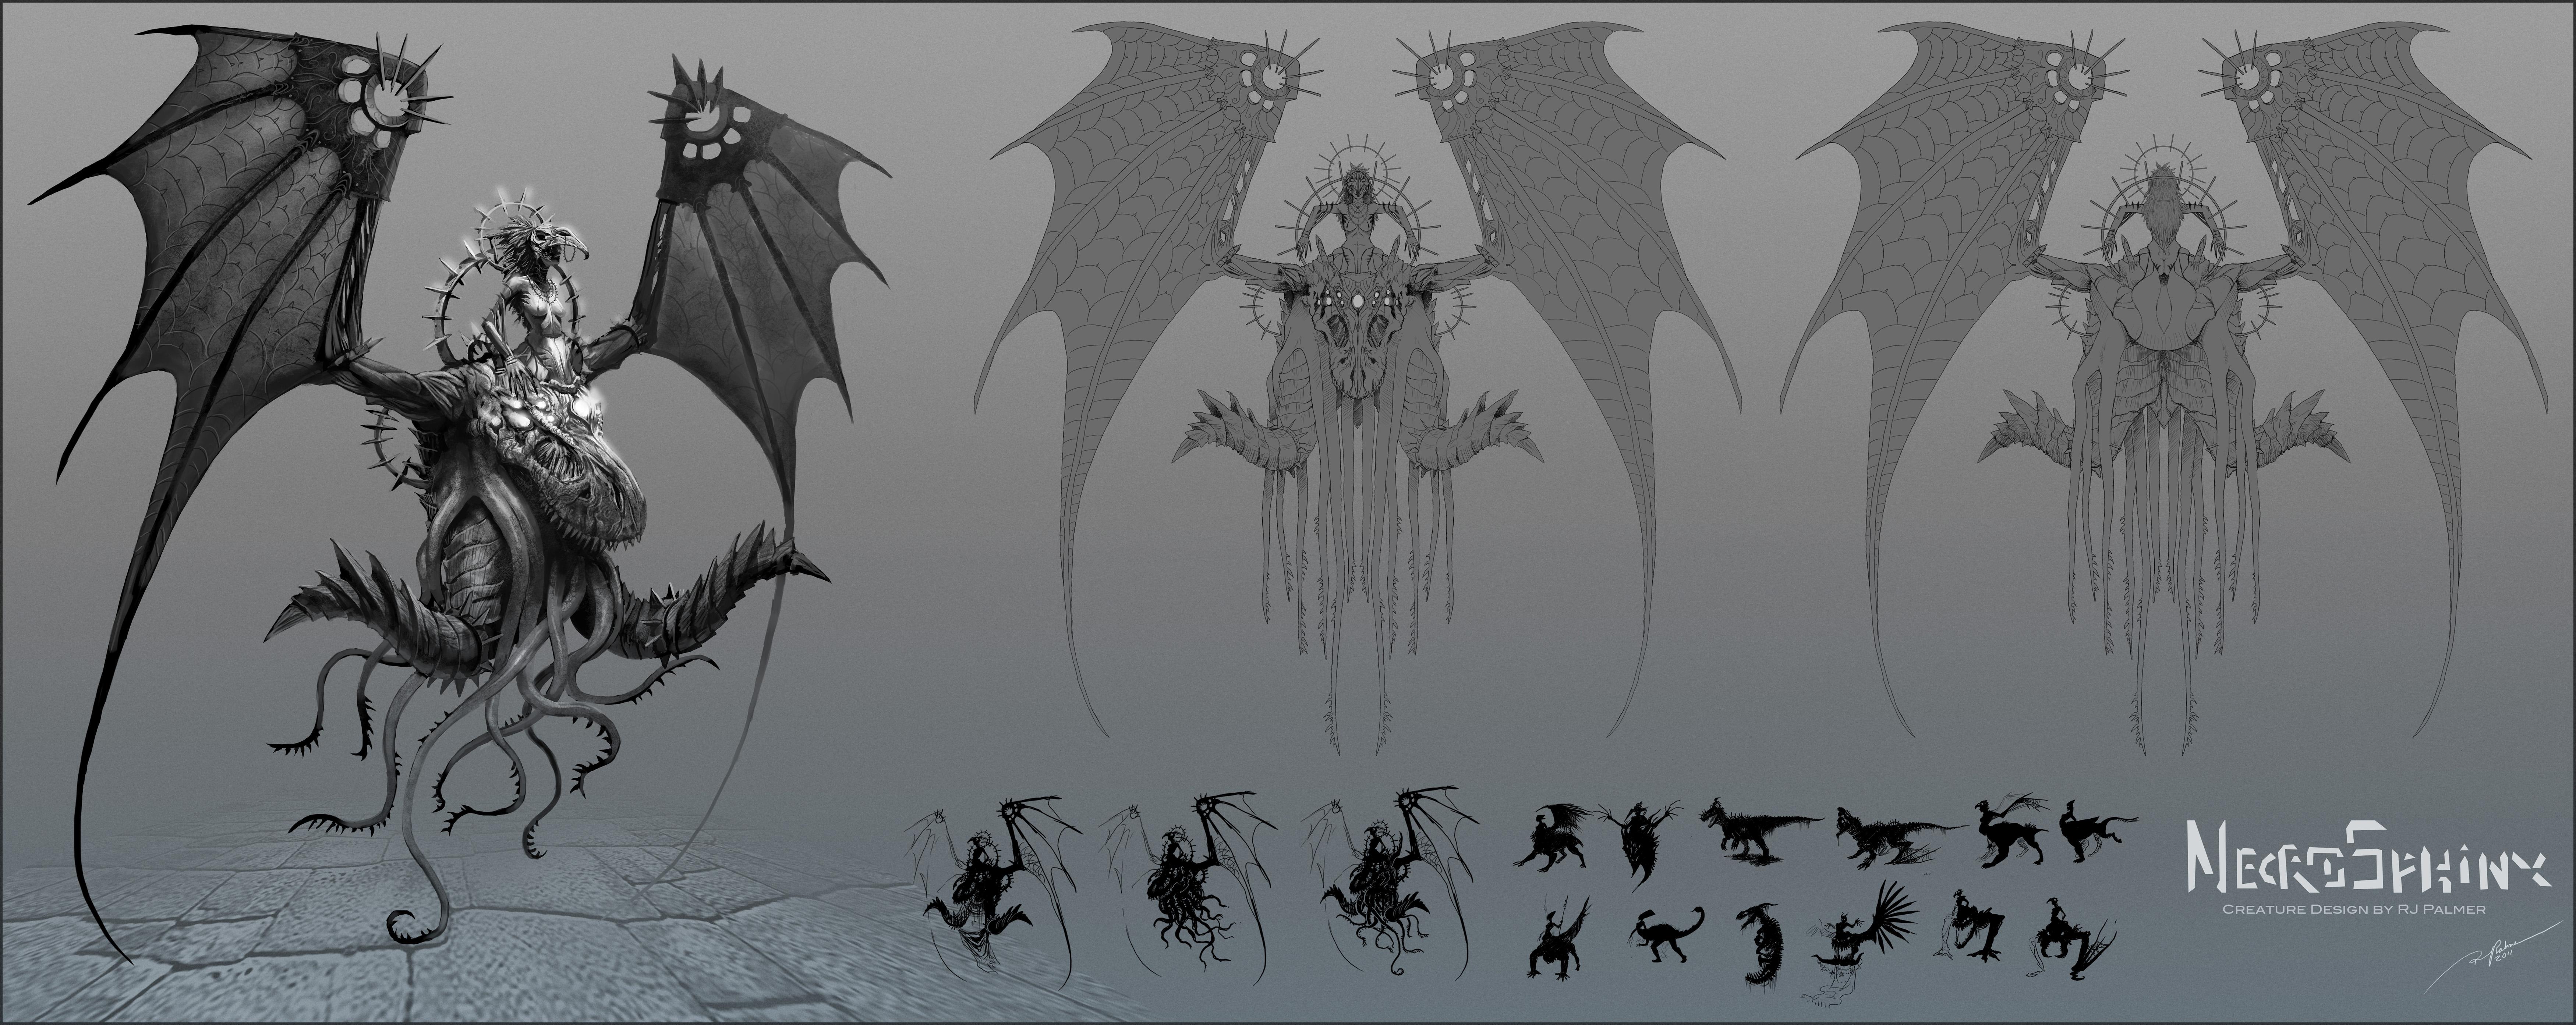 NecroSphinx by arvalis